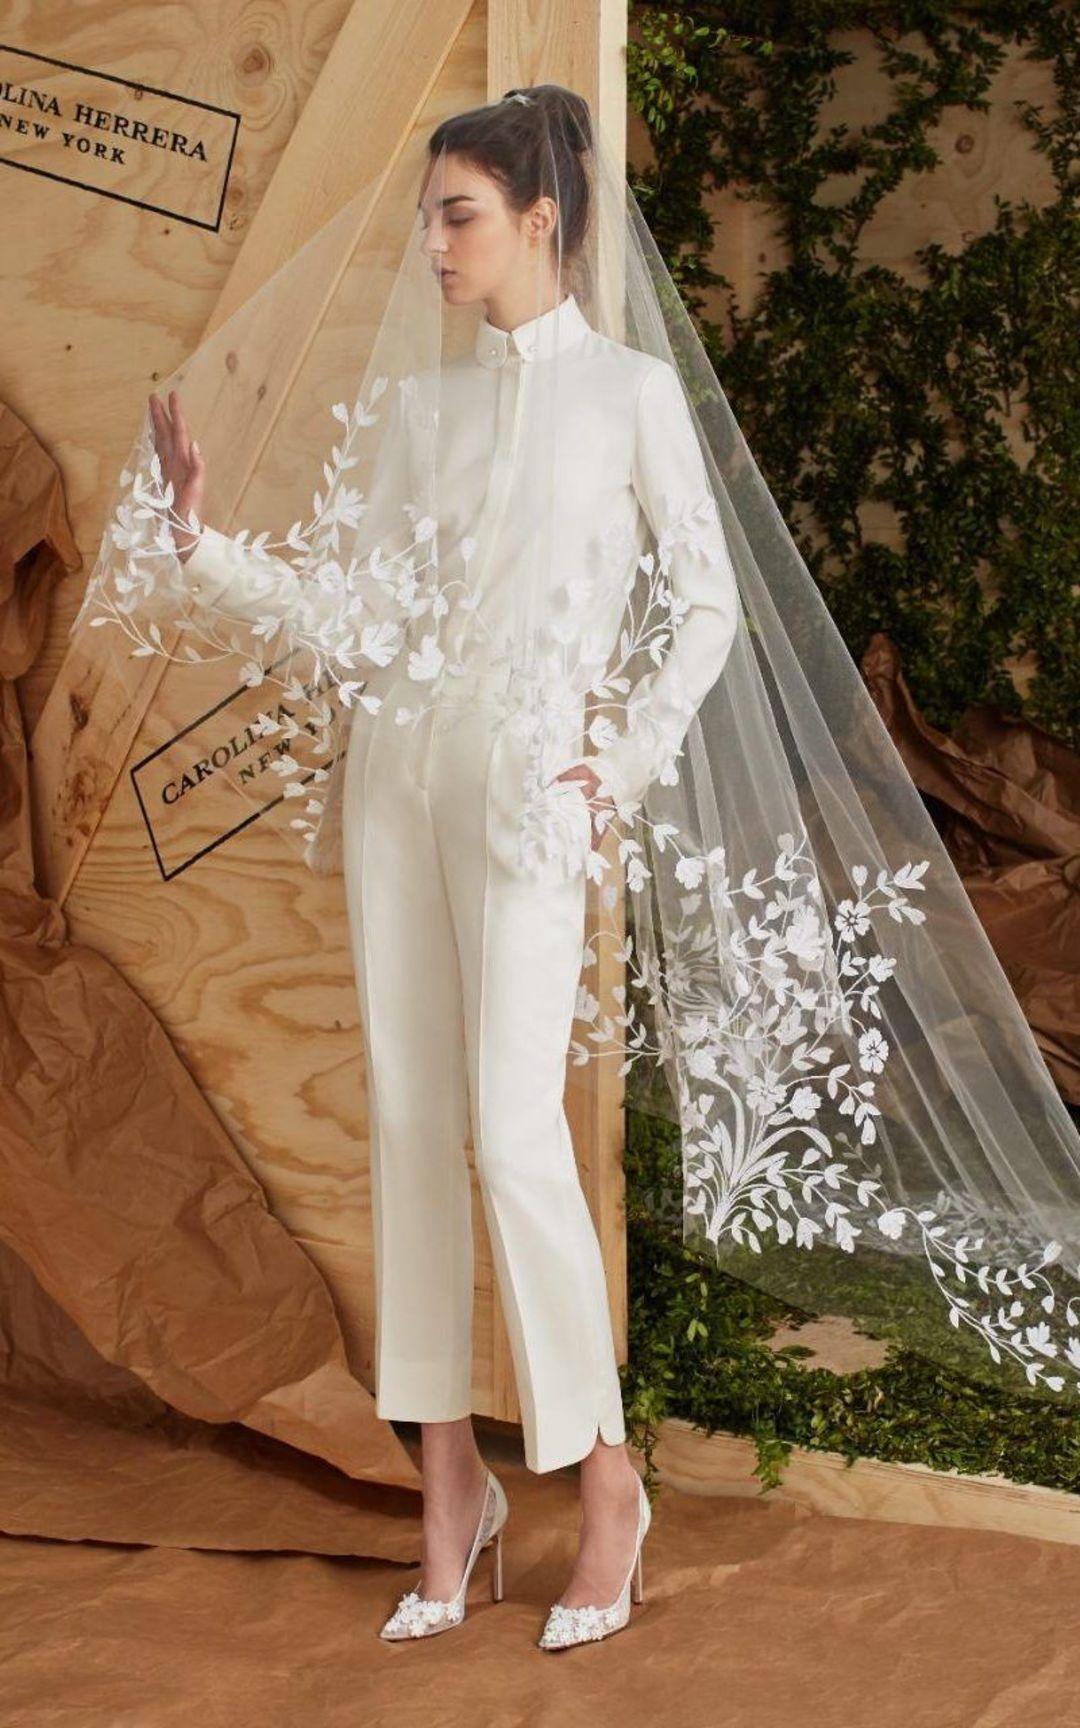 新一季婚纱流行看这里,7 个变化展示一个自由自我_时尚_好奇心日报